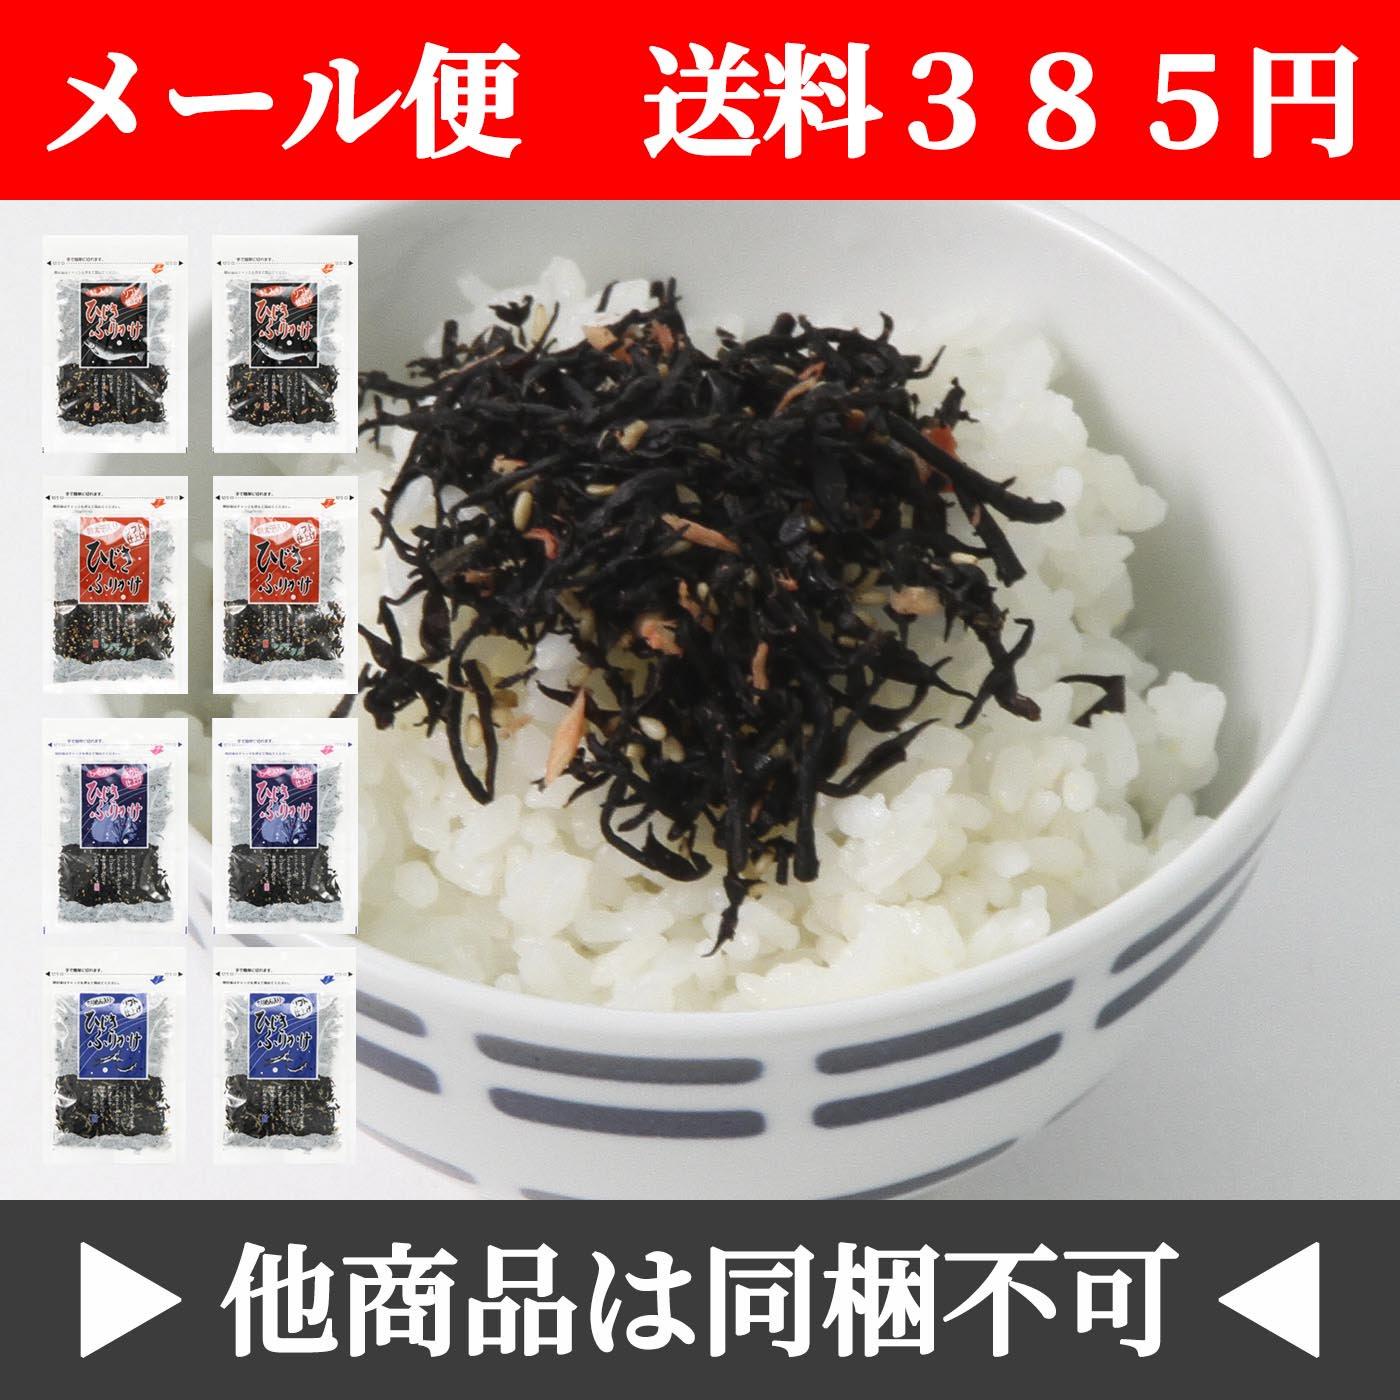 【メール便】ひじきふりかけ 8袋セット(4種×2個)